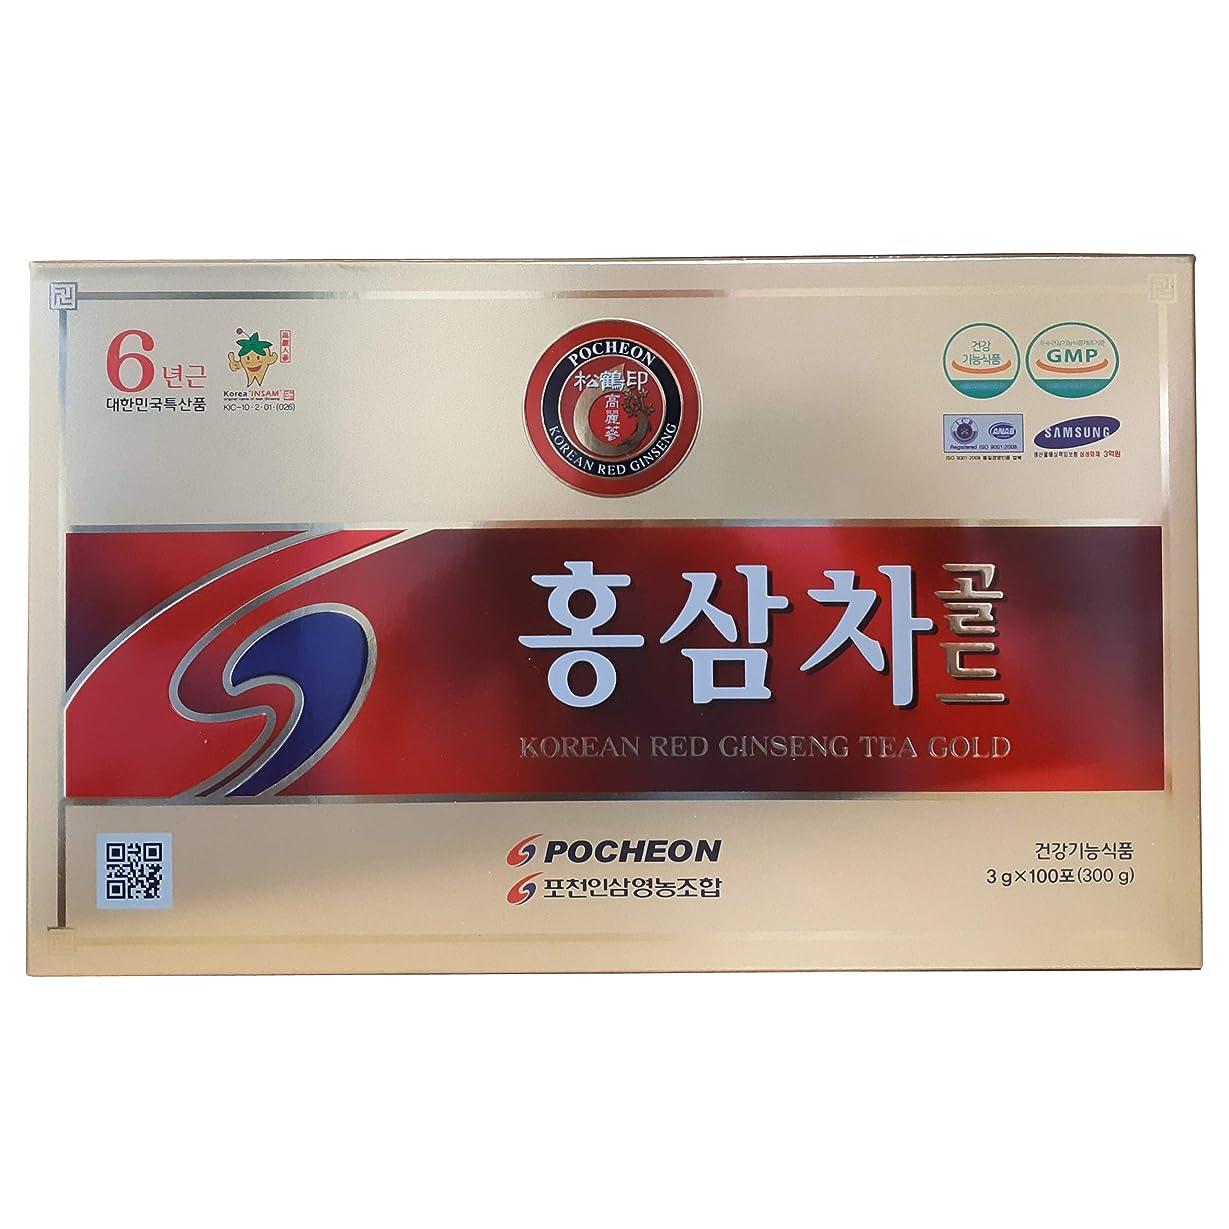 高麗人参 抱川人参営農組合 6年根 高麗紅参茶 3g×100包, 濃縮液 15%